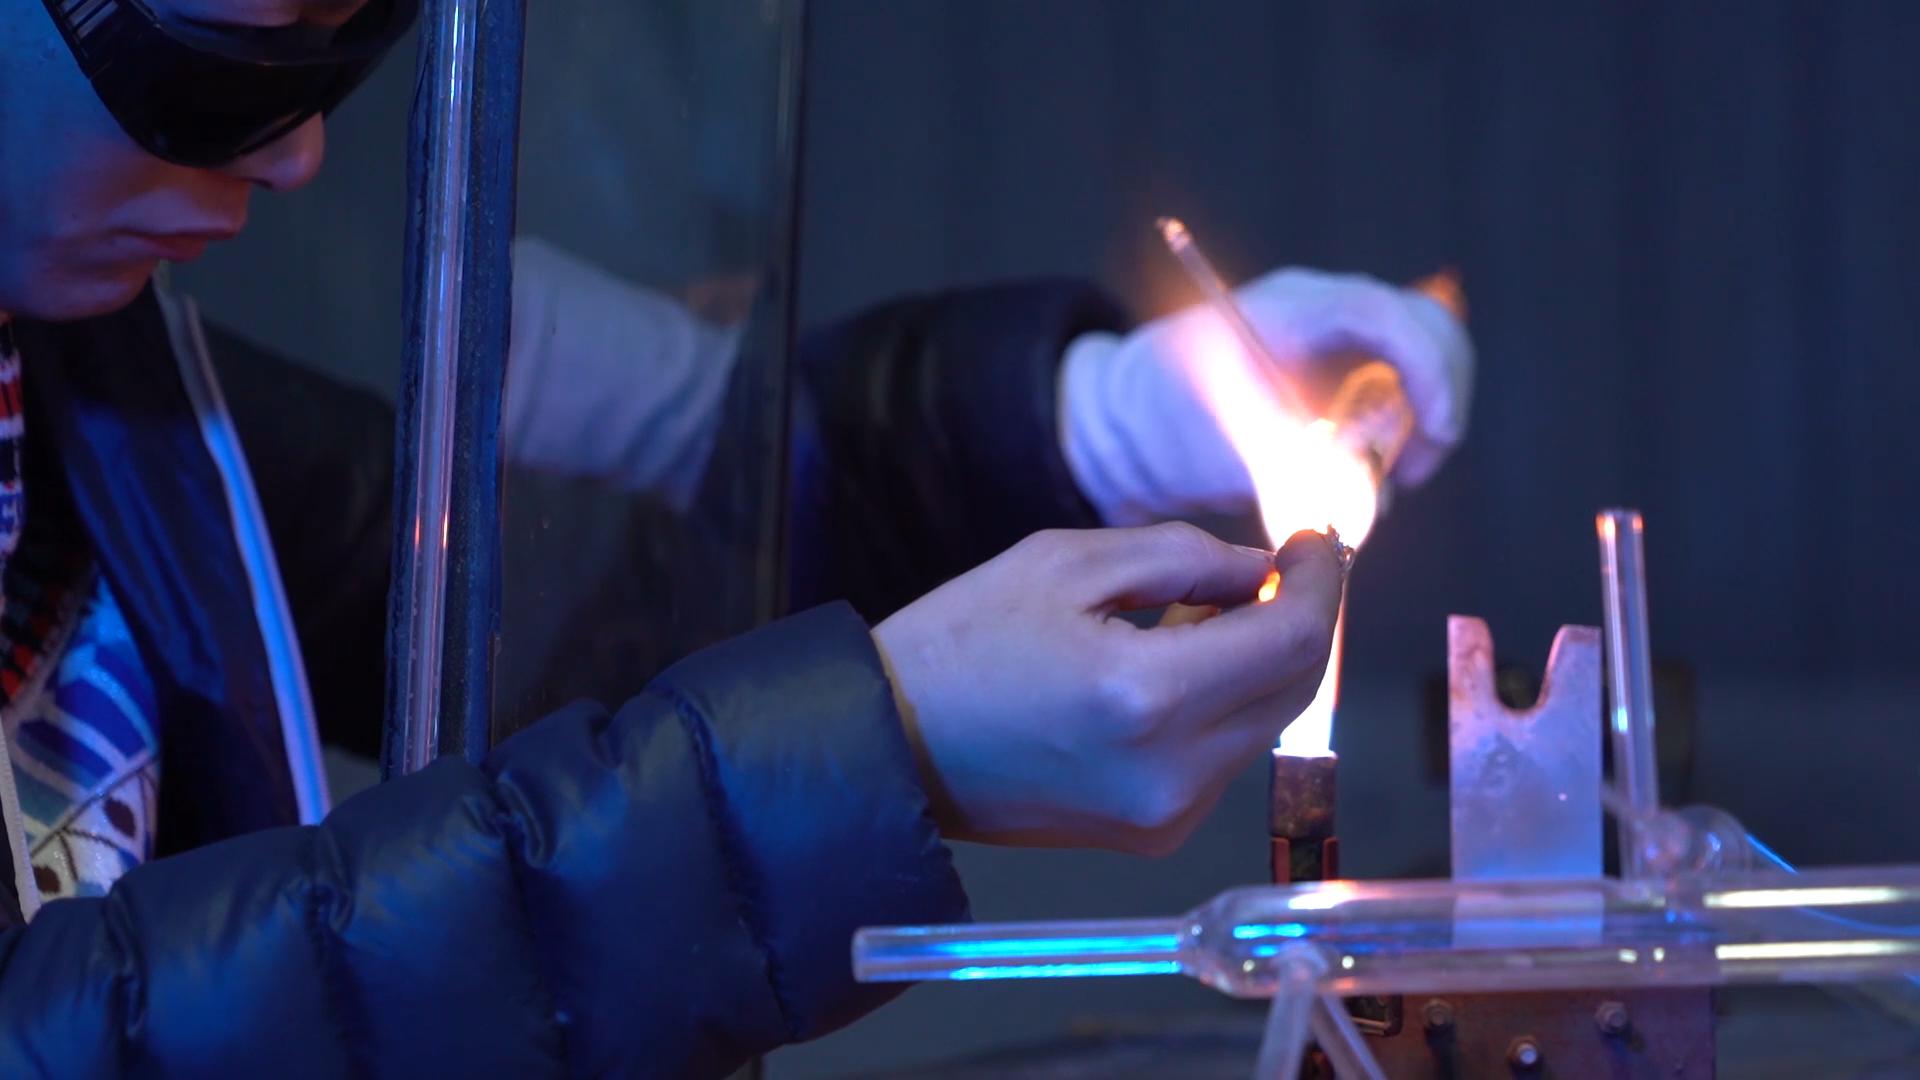 Вольфрамовая инфракрасная галогенная нагревательная лампа, нагреватели для окраски, Инфракрасные Нагревательные Лампы для клея